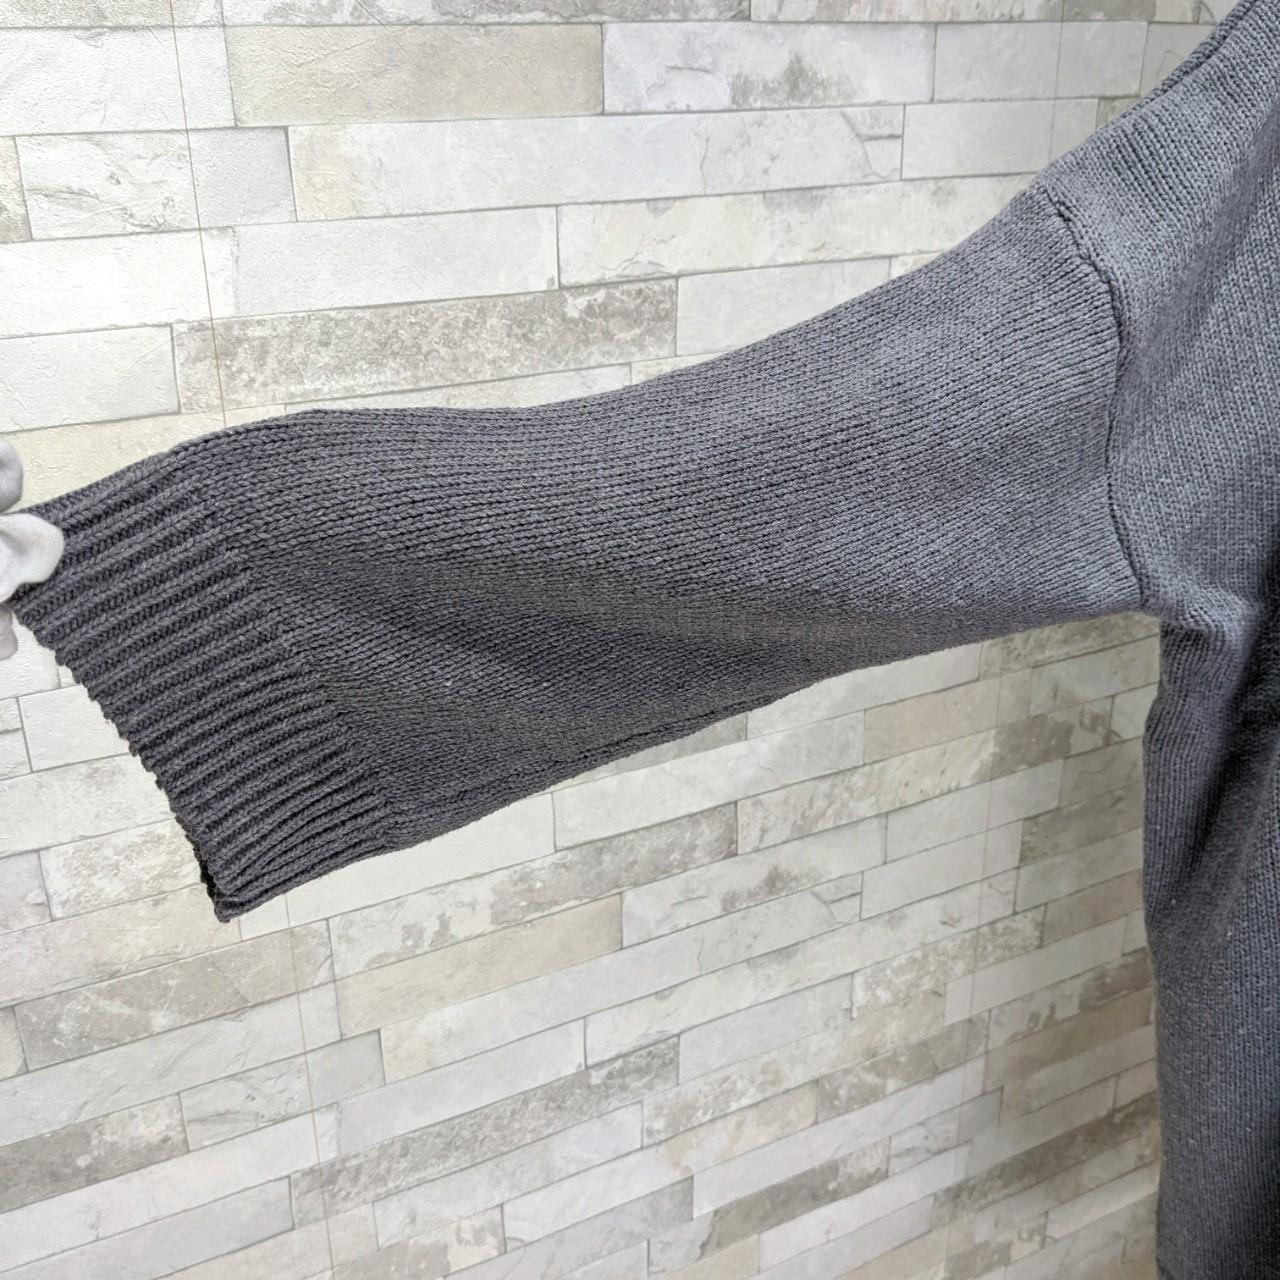 【即納】韓国 ファッション ワンピース 秋 冬 カジュアル SPTXH166  ゆったり リブニットワンピ ビッグシルエット オルチャン シンプル 定番 セレカジの写真10枚目